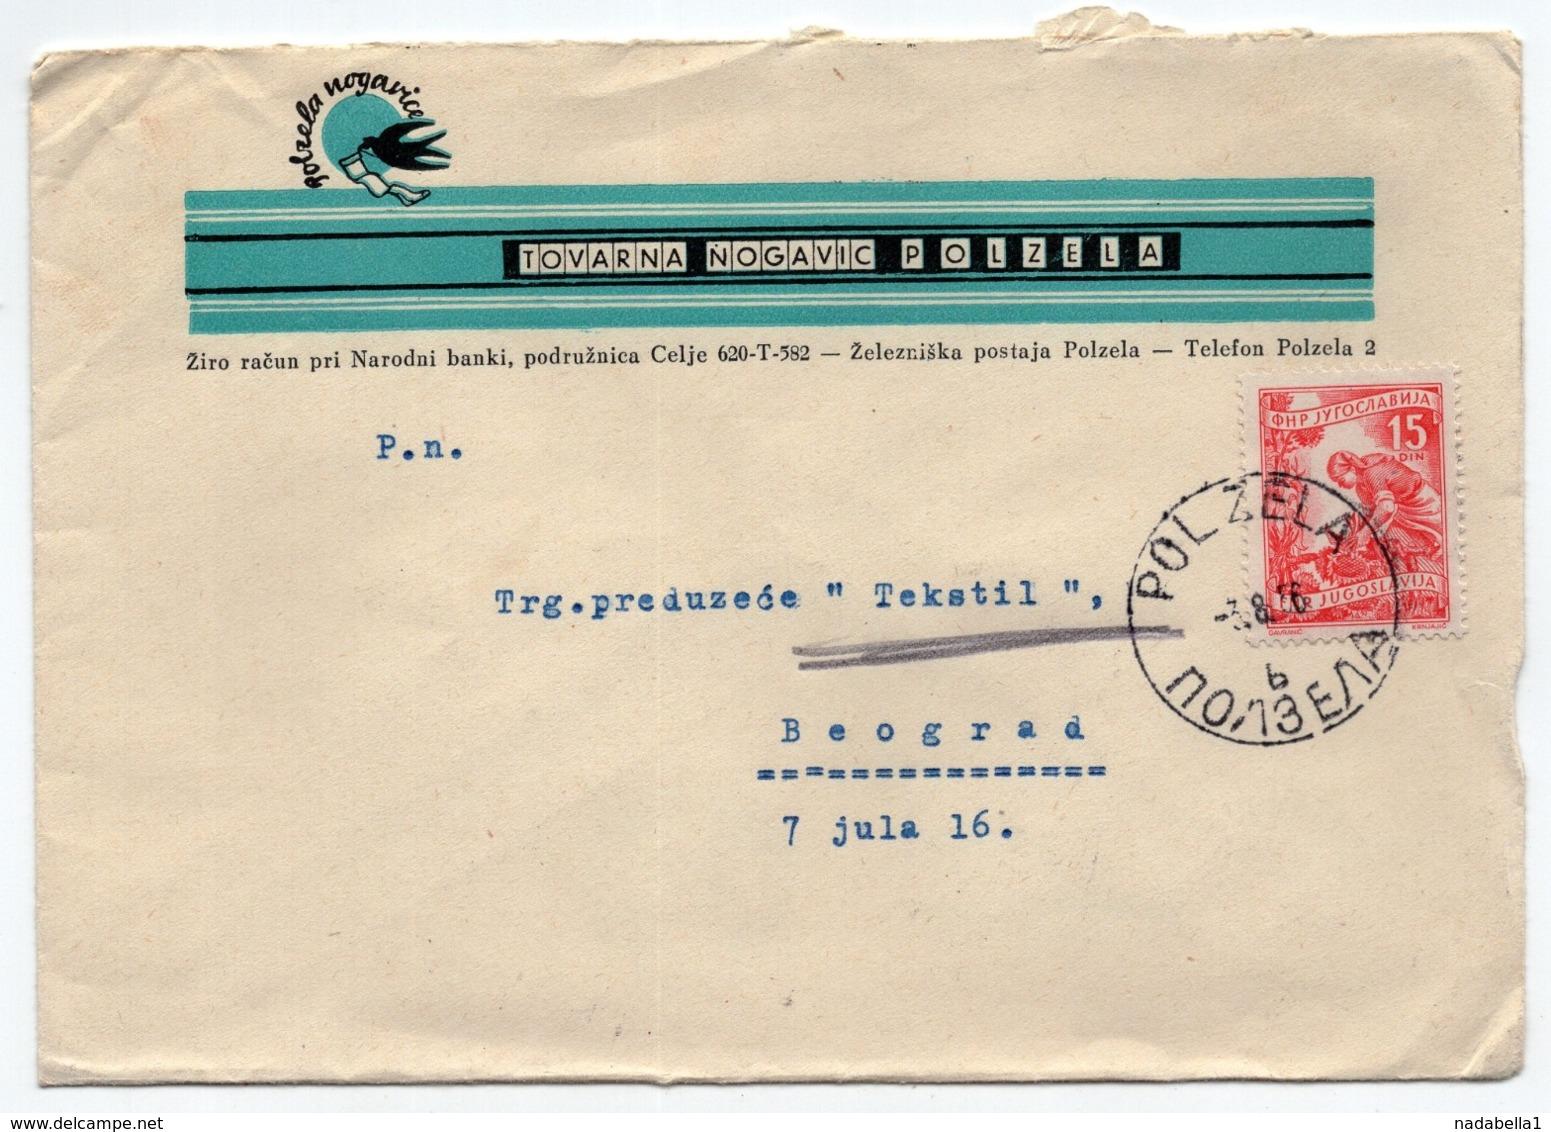 1956 YUGOSLAVIA, SLOVENIA, POLZELA TO BELGRADE, SOCKS MANUFACTURING COMPANY HEADCOVER - Covers & Documents